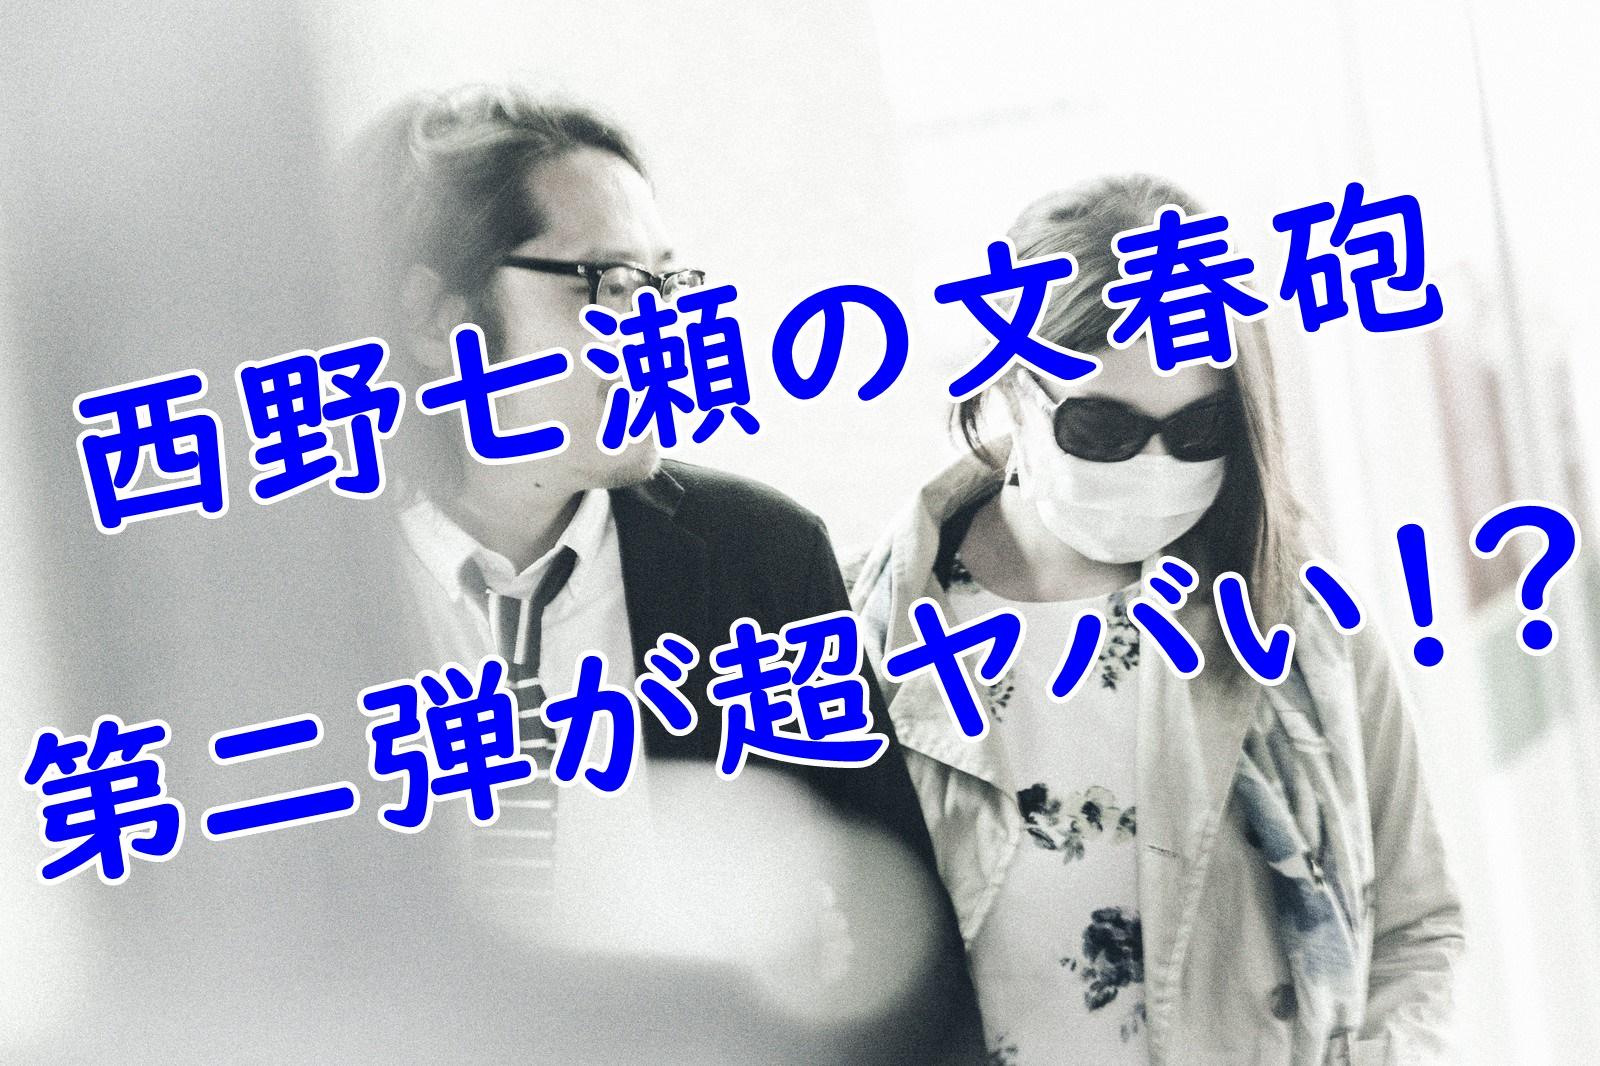 西野七瀬の文春砲第二弾が超ヤバい!?